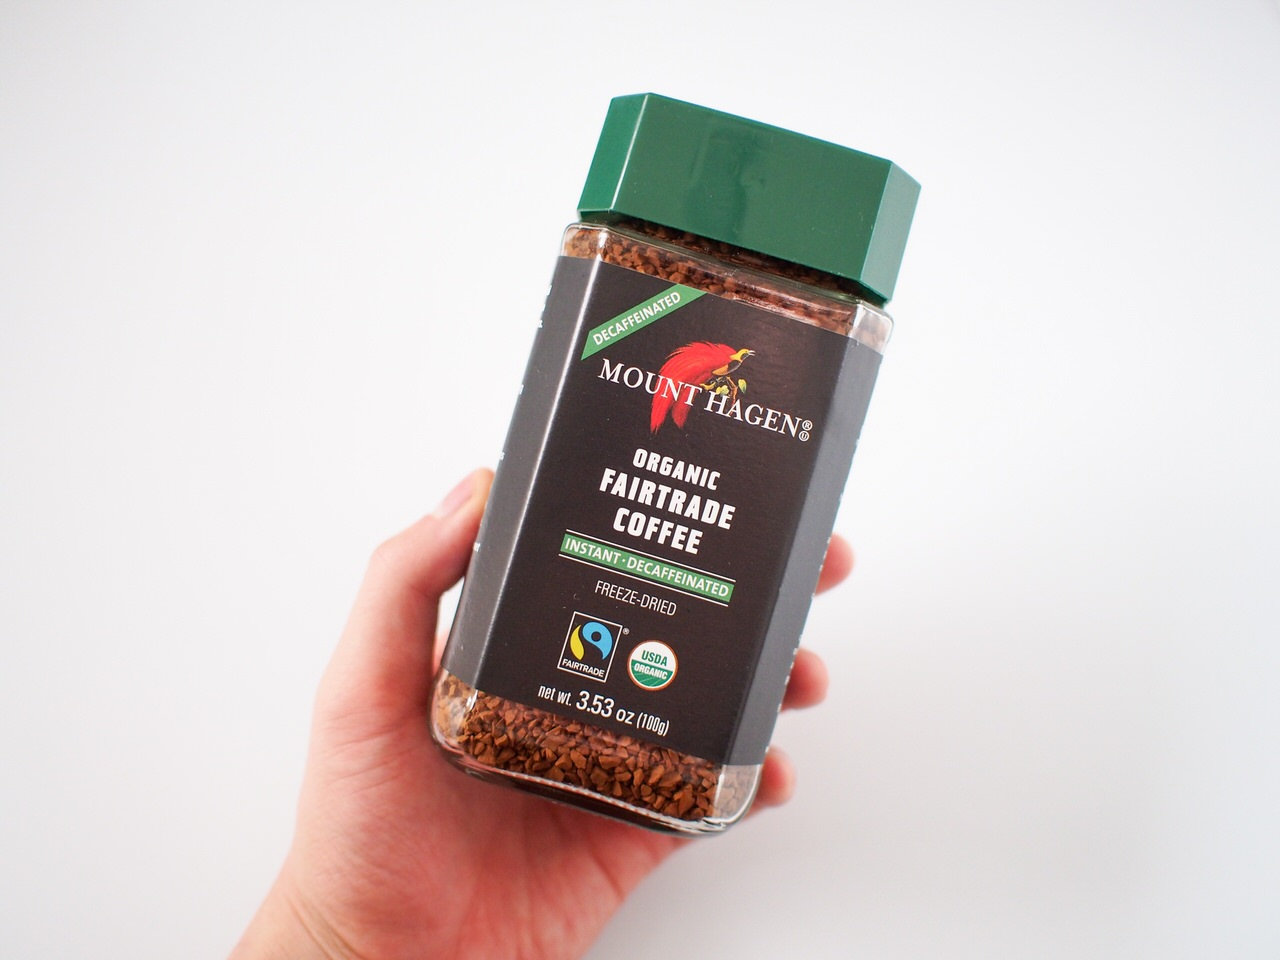 マウントハーゲンのカフェインレスコーヒーは間違いない【美味しすぎ】